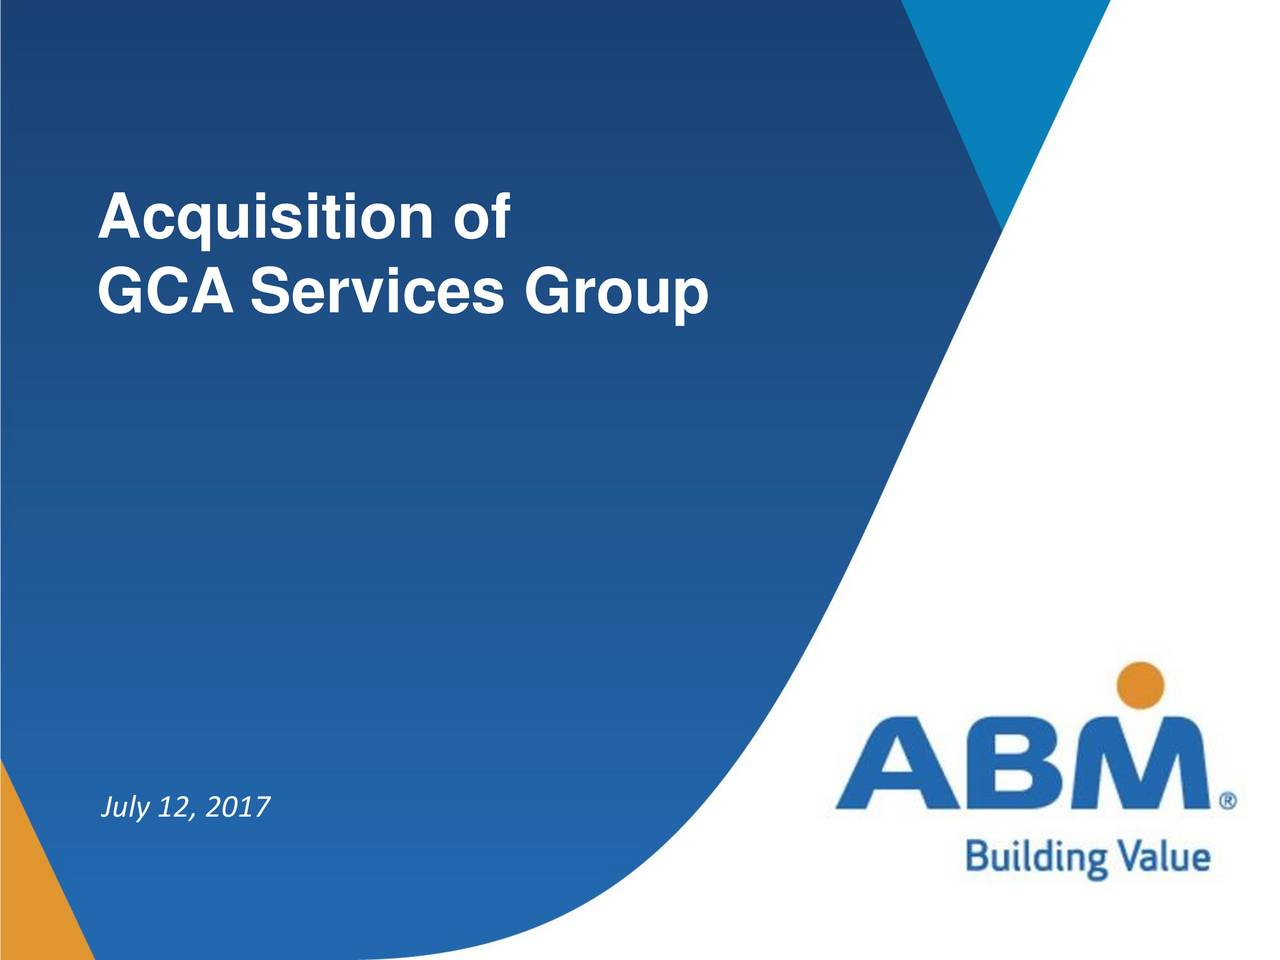 Abm Abm Acquires Gca Services Group M A Slideshow Abm